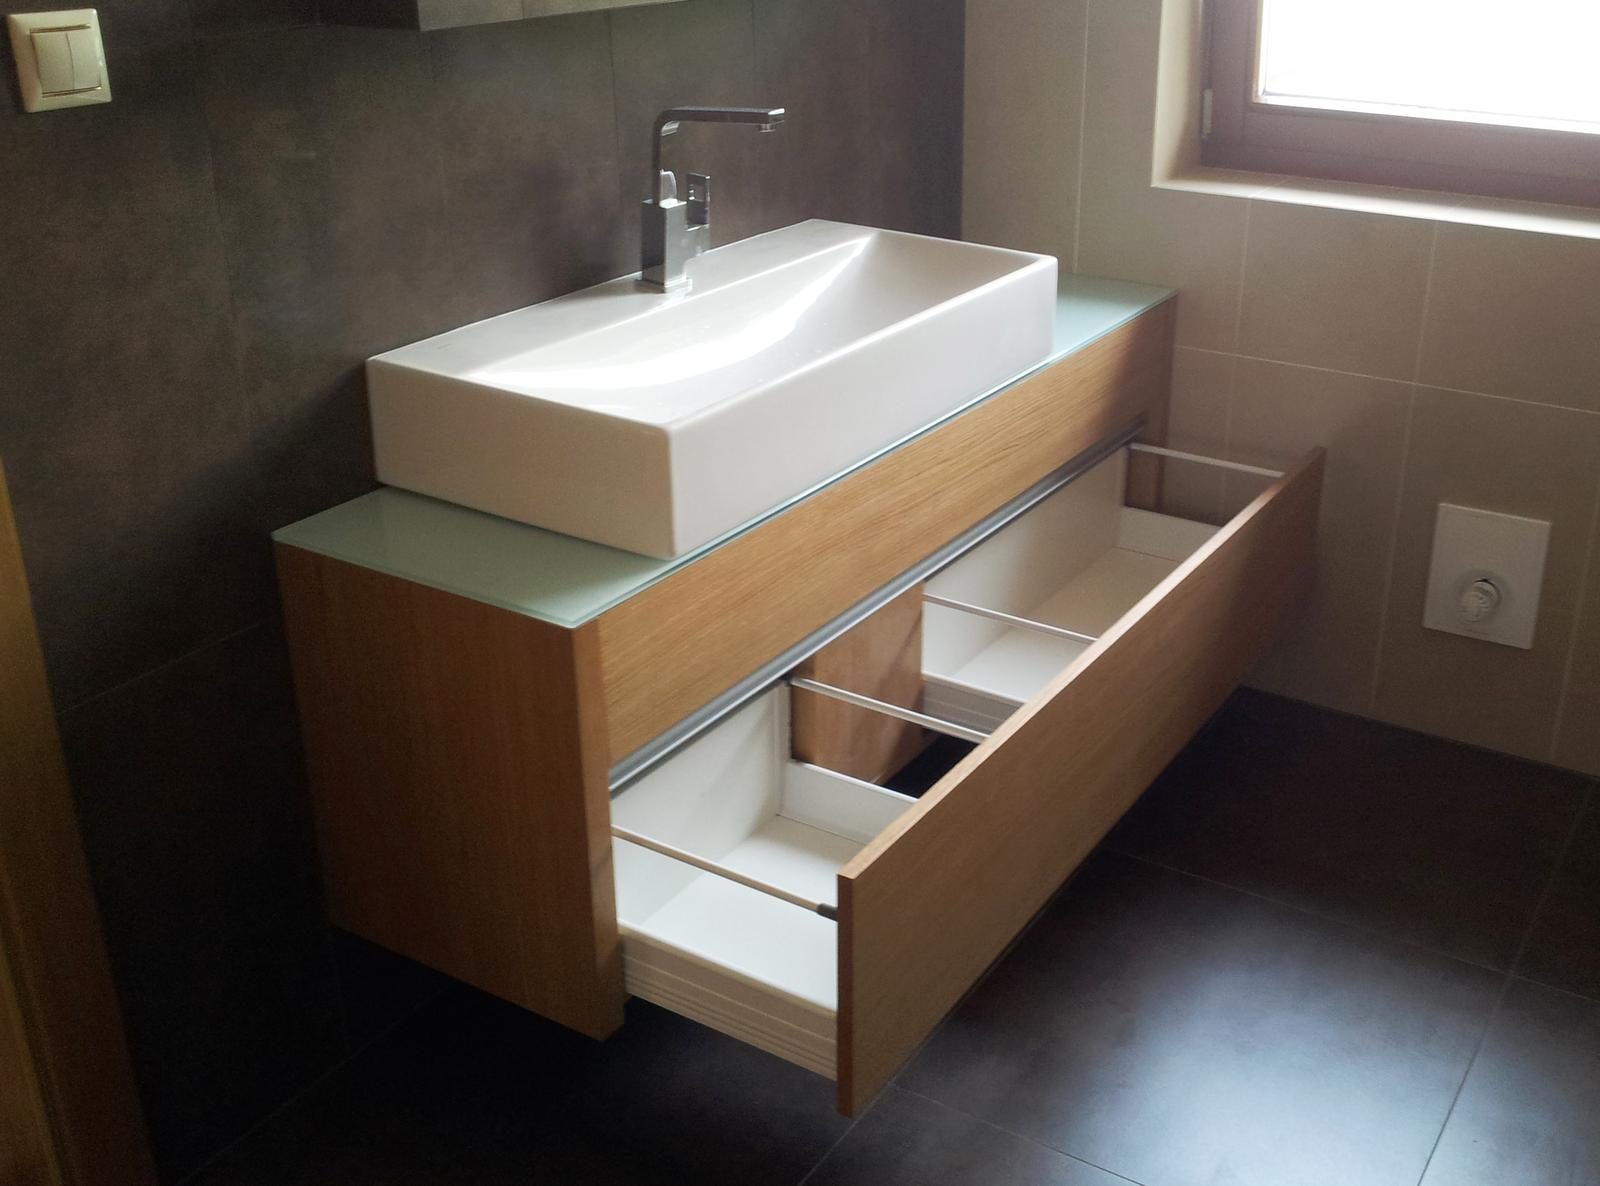 Dizajn a výroba nábytku na mieru Cubica - Dubová kúpeľňová skrinka - s dvomi zásuvkami blum tandembox - dizajn a výroba cubica